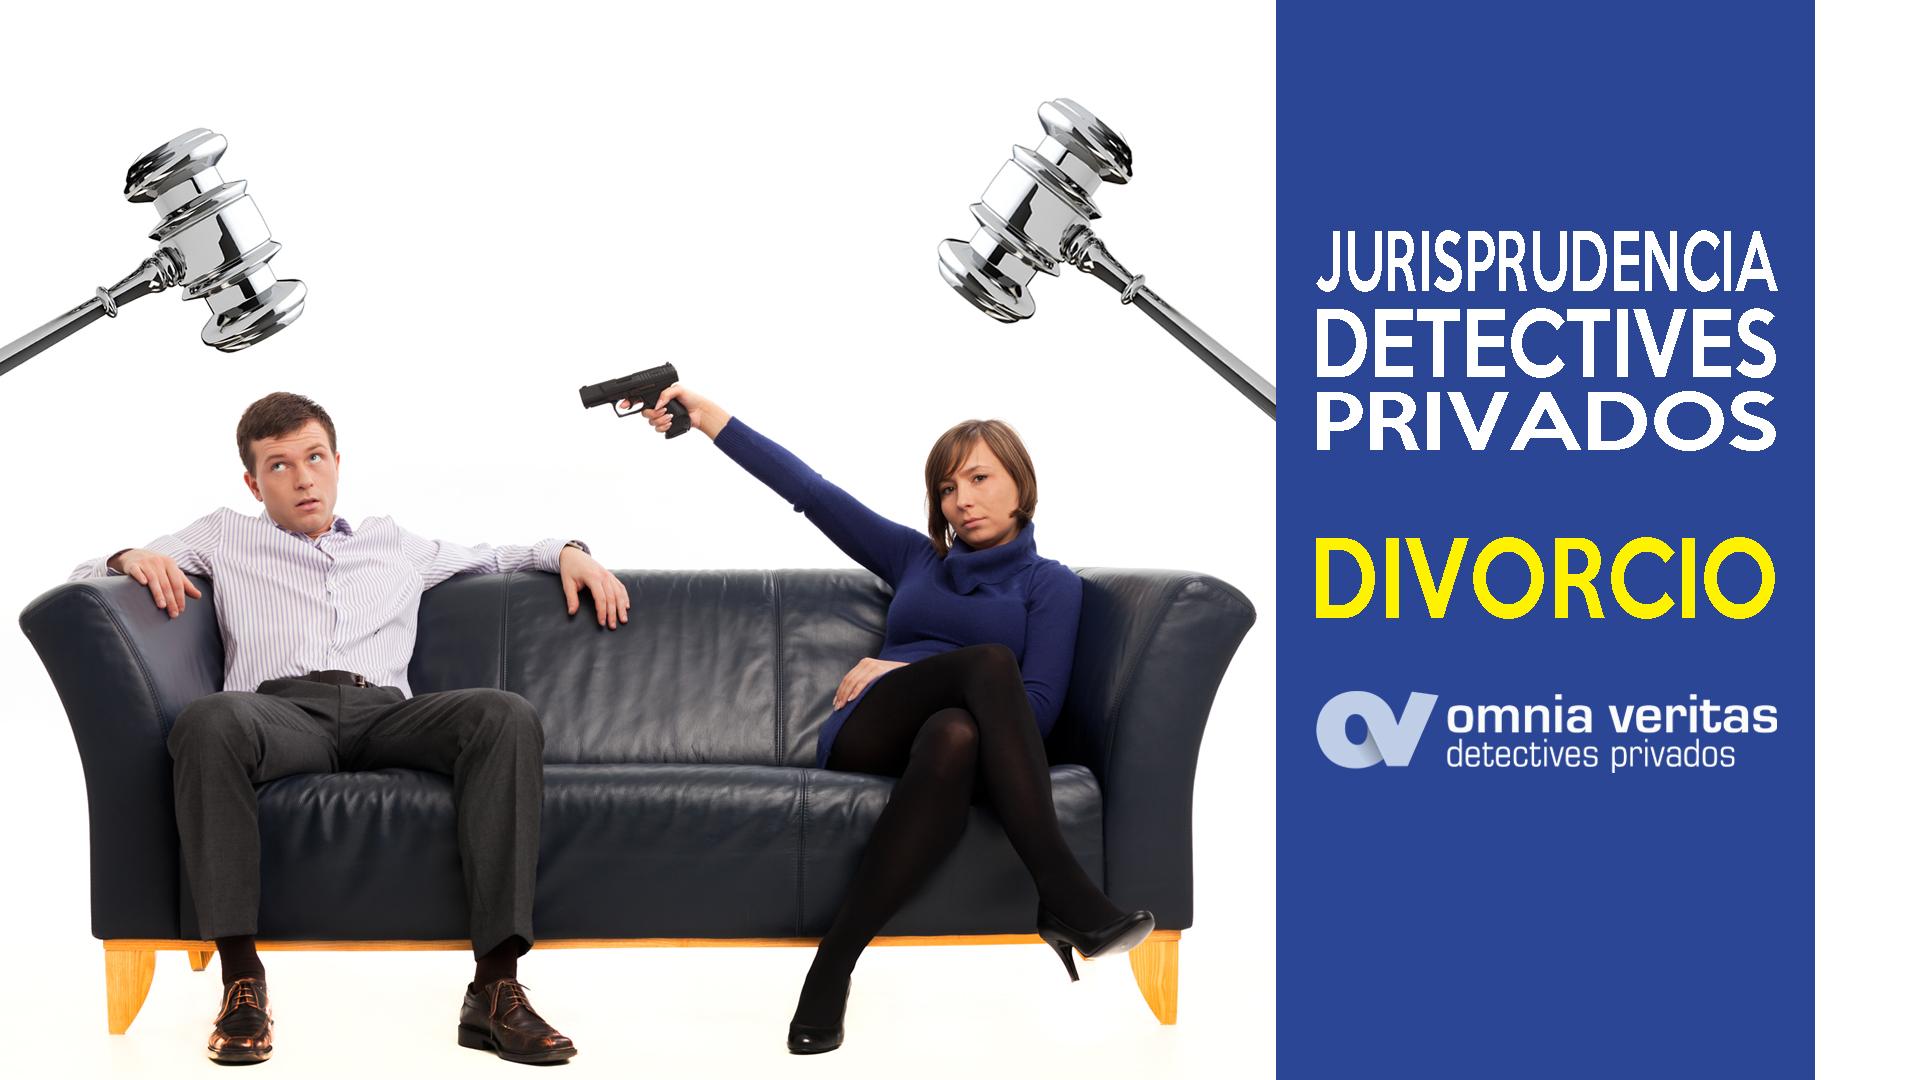 Jurisprudencia detectives divorcio contencioso